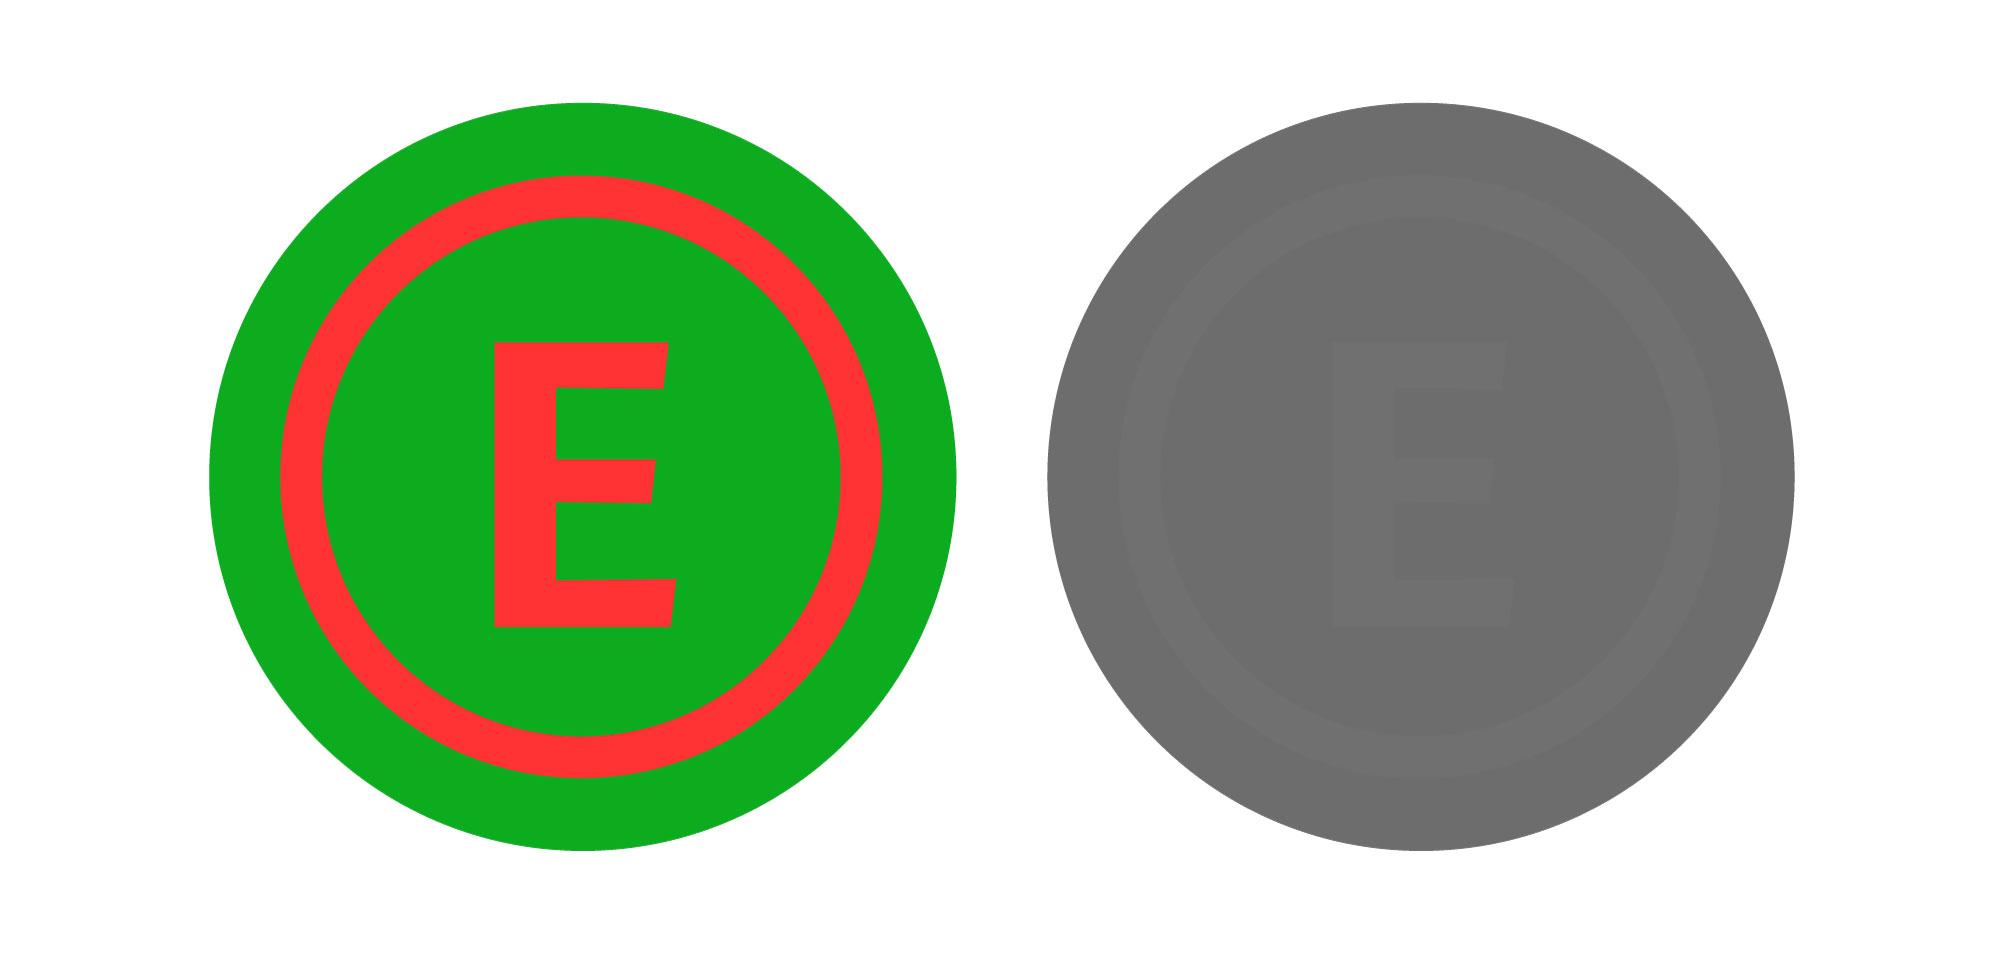 El verde y el rojo neutros son dos colores que aunque complementarios y muy distintos entre sí, tienen una luminosidad equivalente, y es este último factor es el que determina el contraste. Una señal que use estos dos colores aplicando uno a la forma y ot